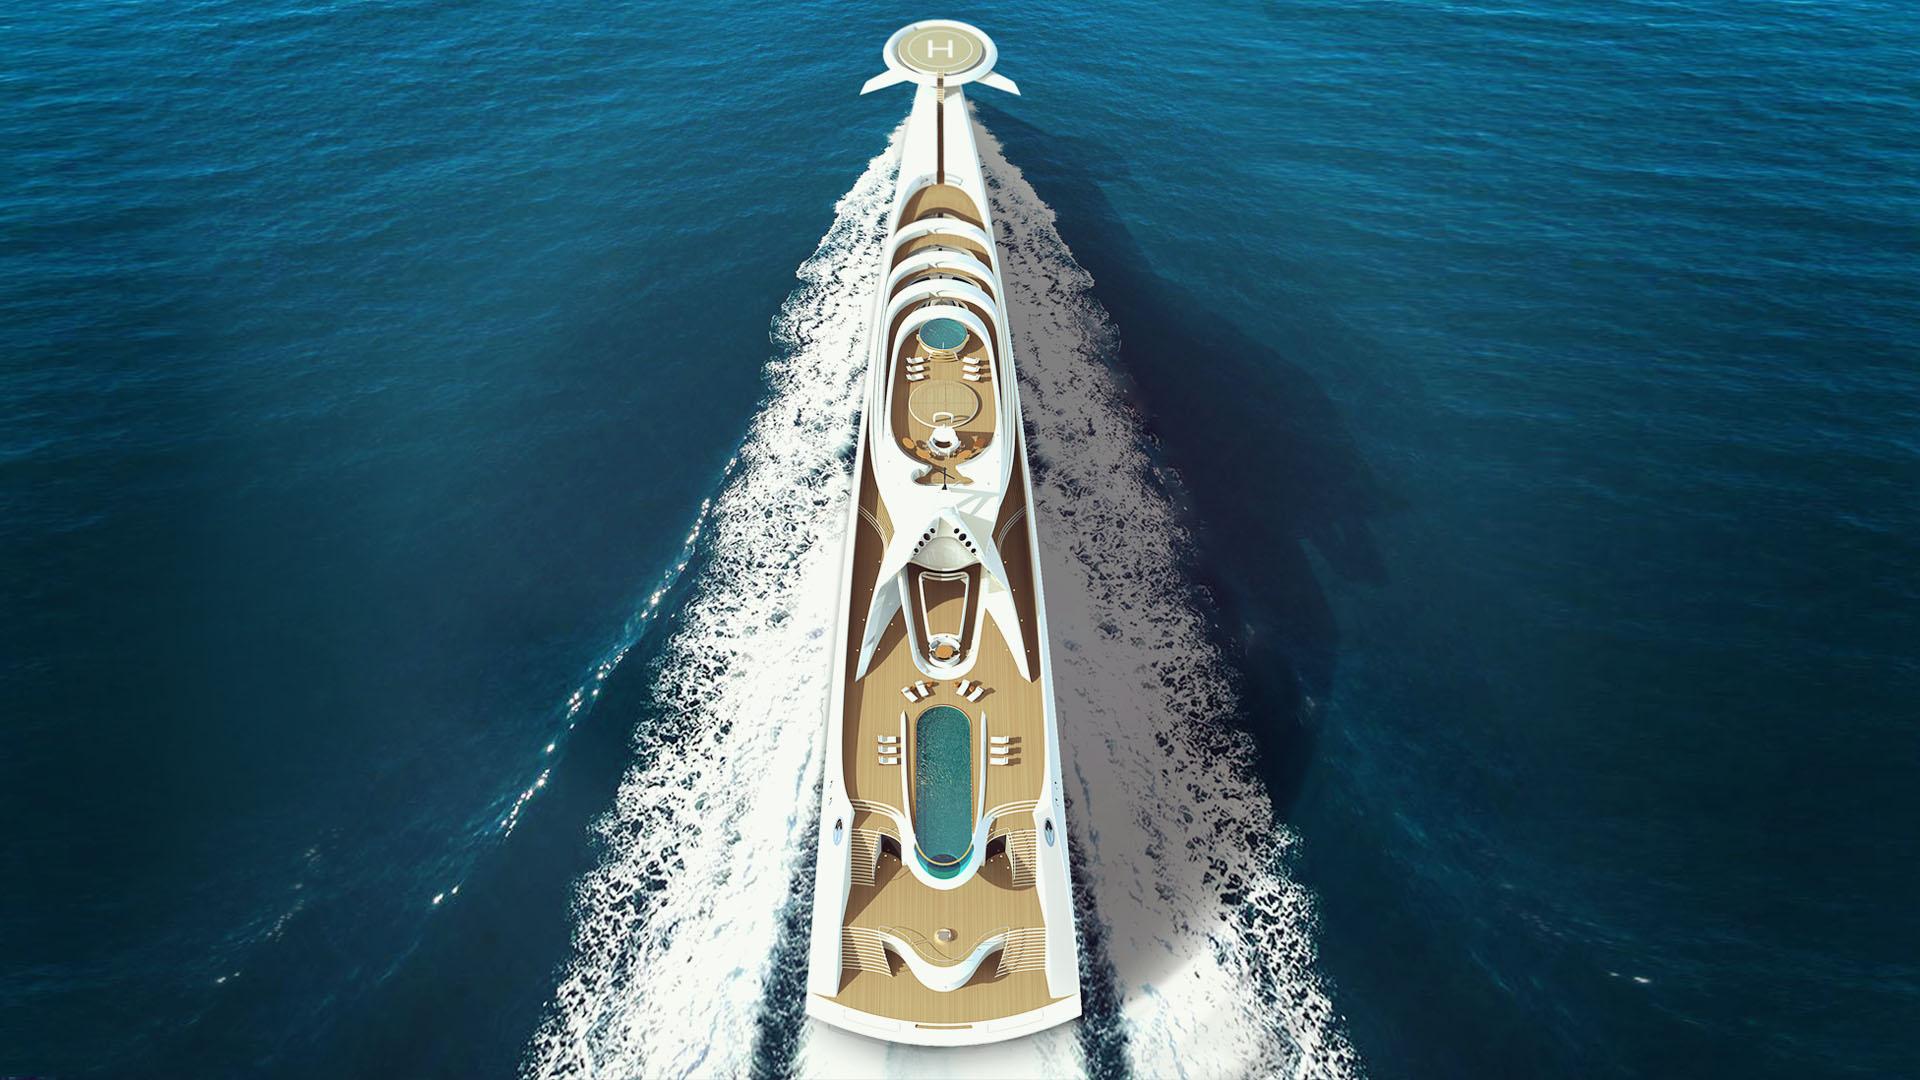 Nejvesti jachty na svete - L'amage